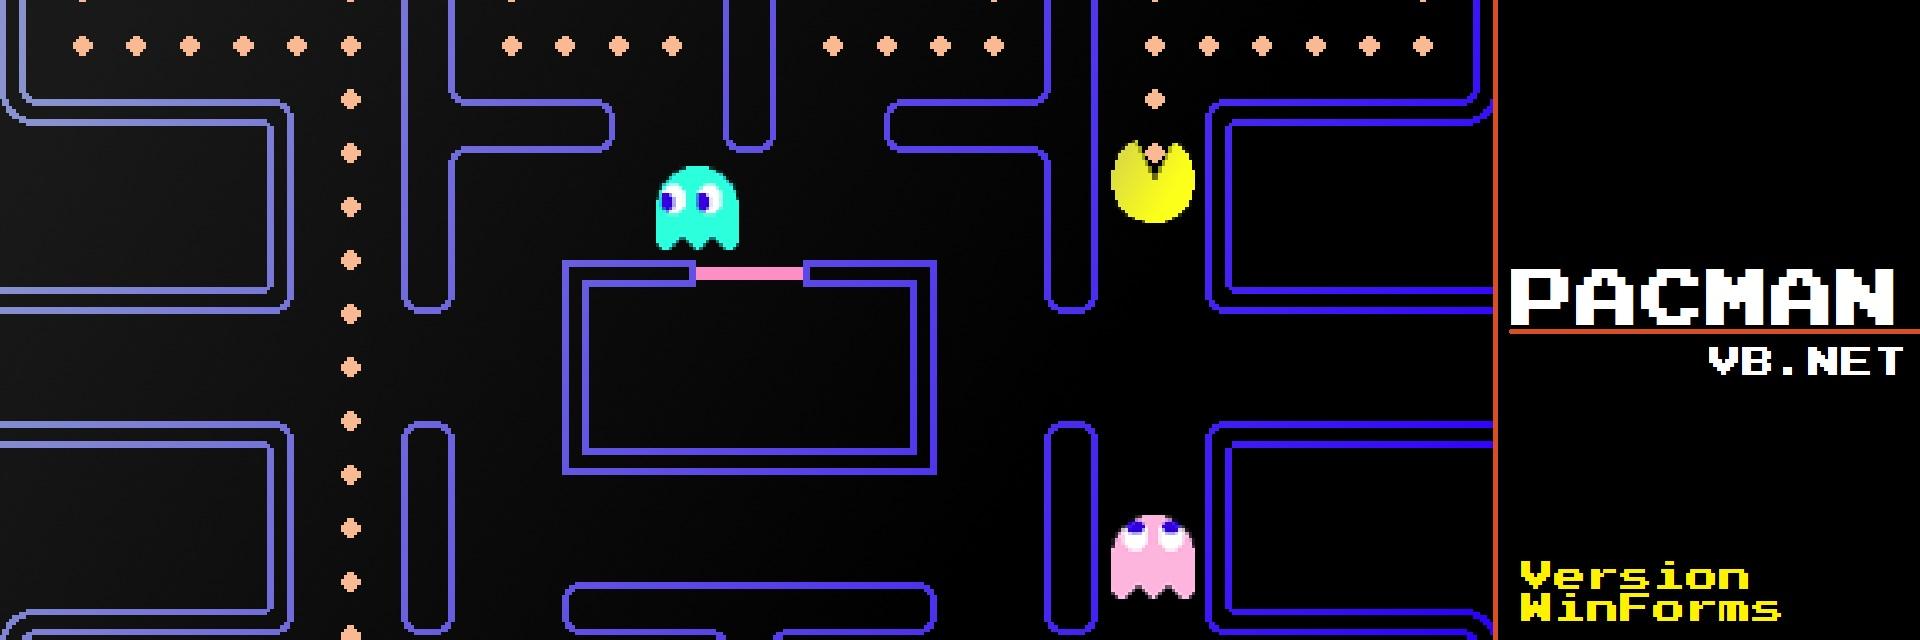 Pacman vb.net